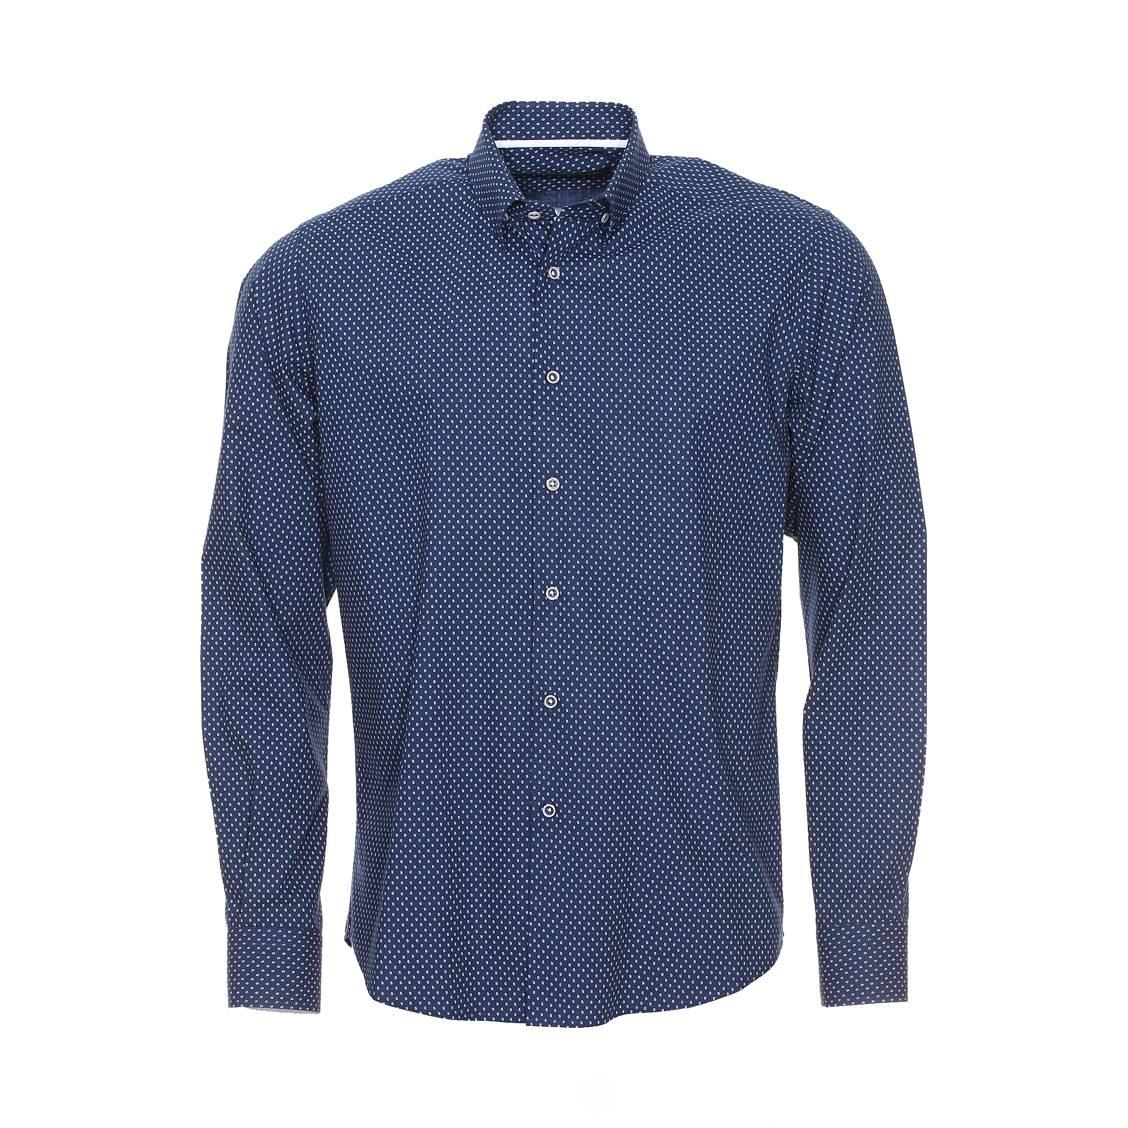 Chemise ajustée manches longues  en coton bleu foncé à motifs gouttes